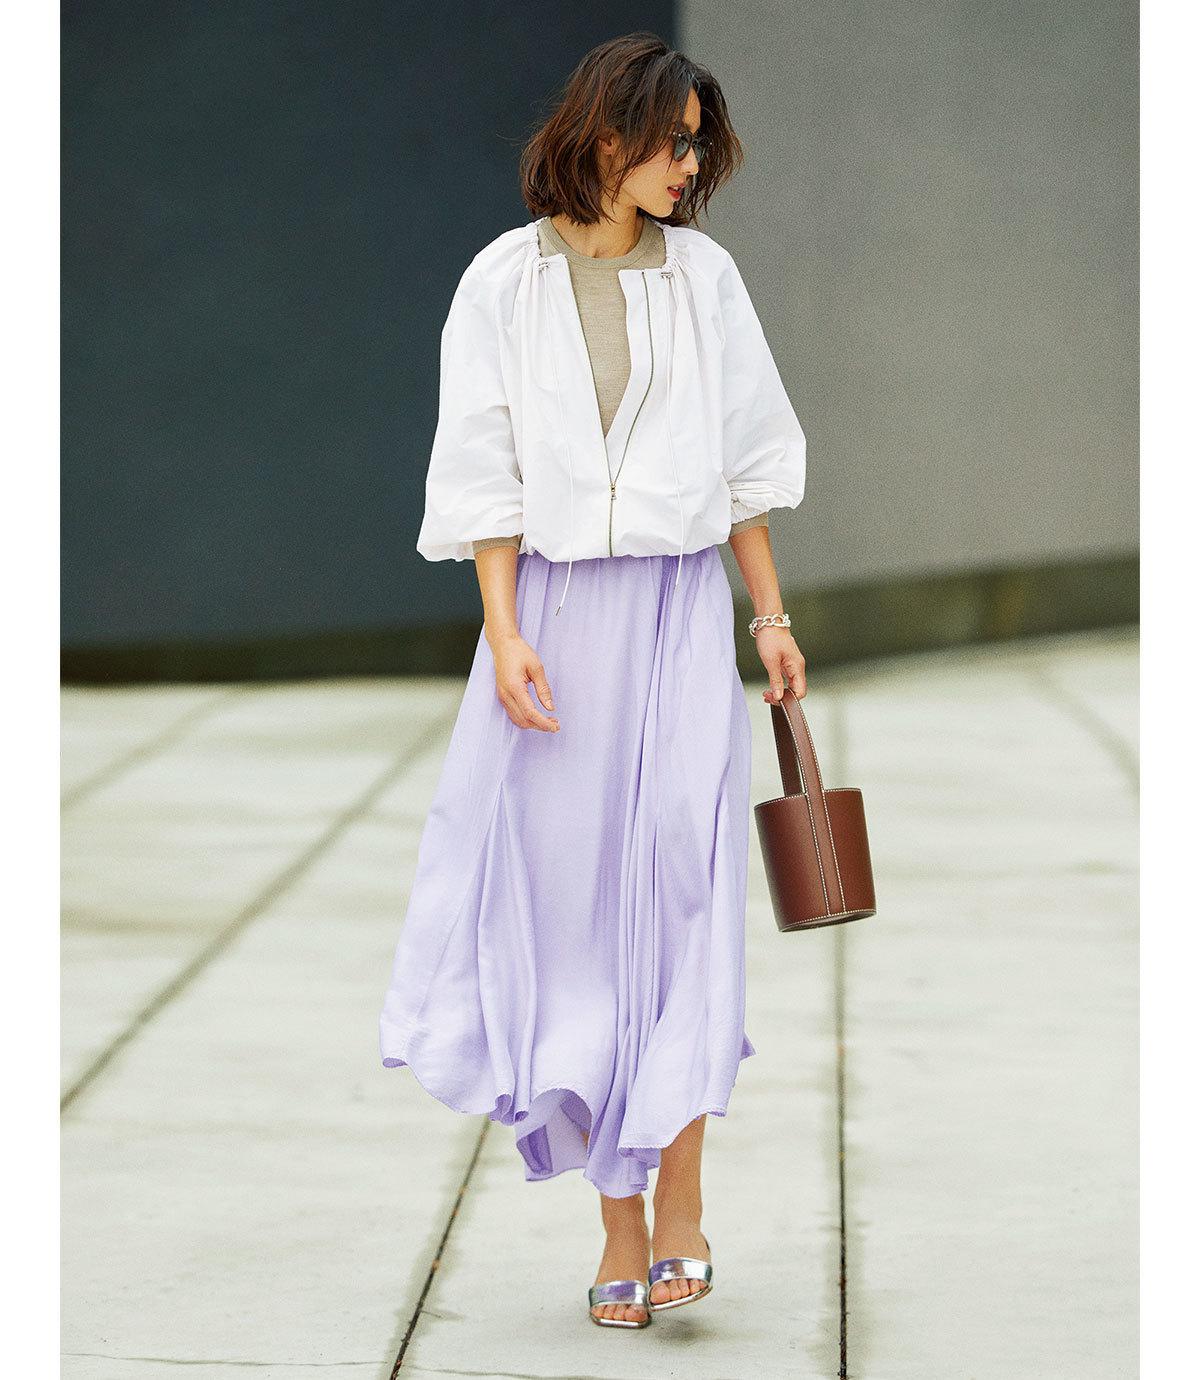 ブルゾン×きれい色スカートの羽織ものコーデ